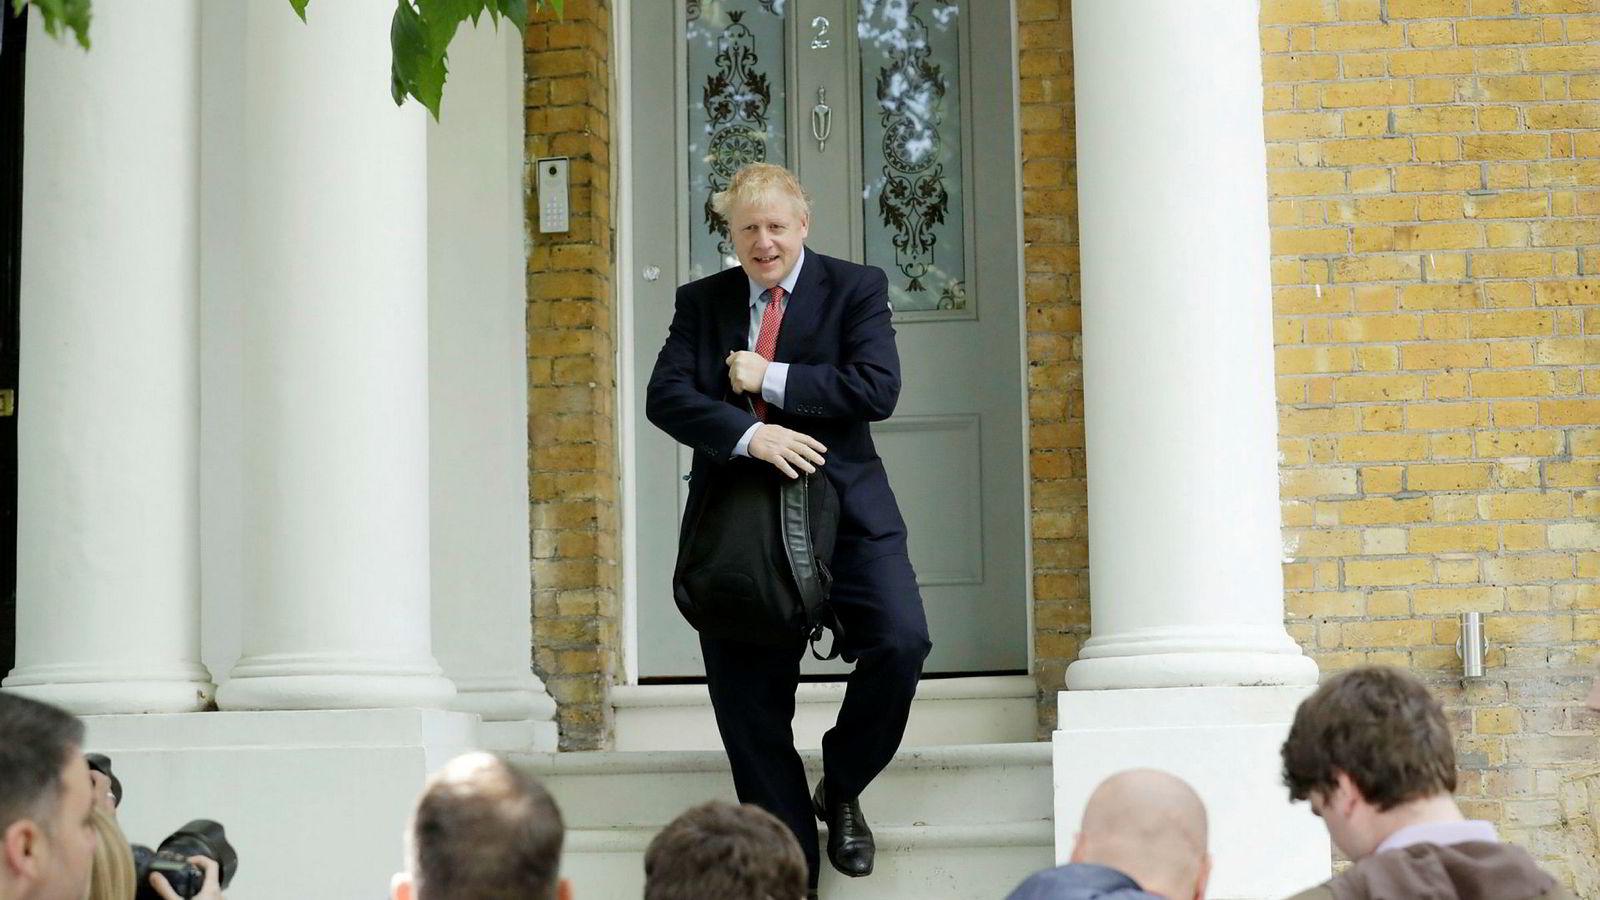 Boris Johnson møter pressen på vei ut fra sitt hjem sør i London fredag i forrige uke. Det var før krangelen med kjæresten ble hovednyheten i Storbritannia.